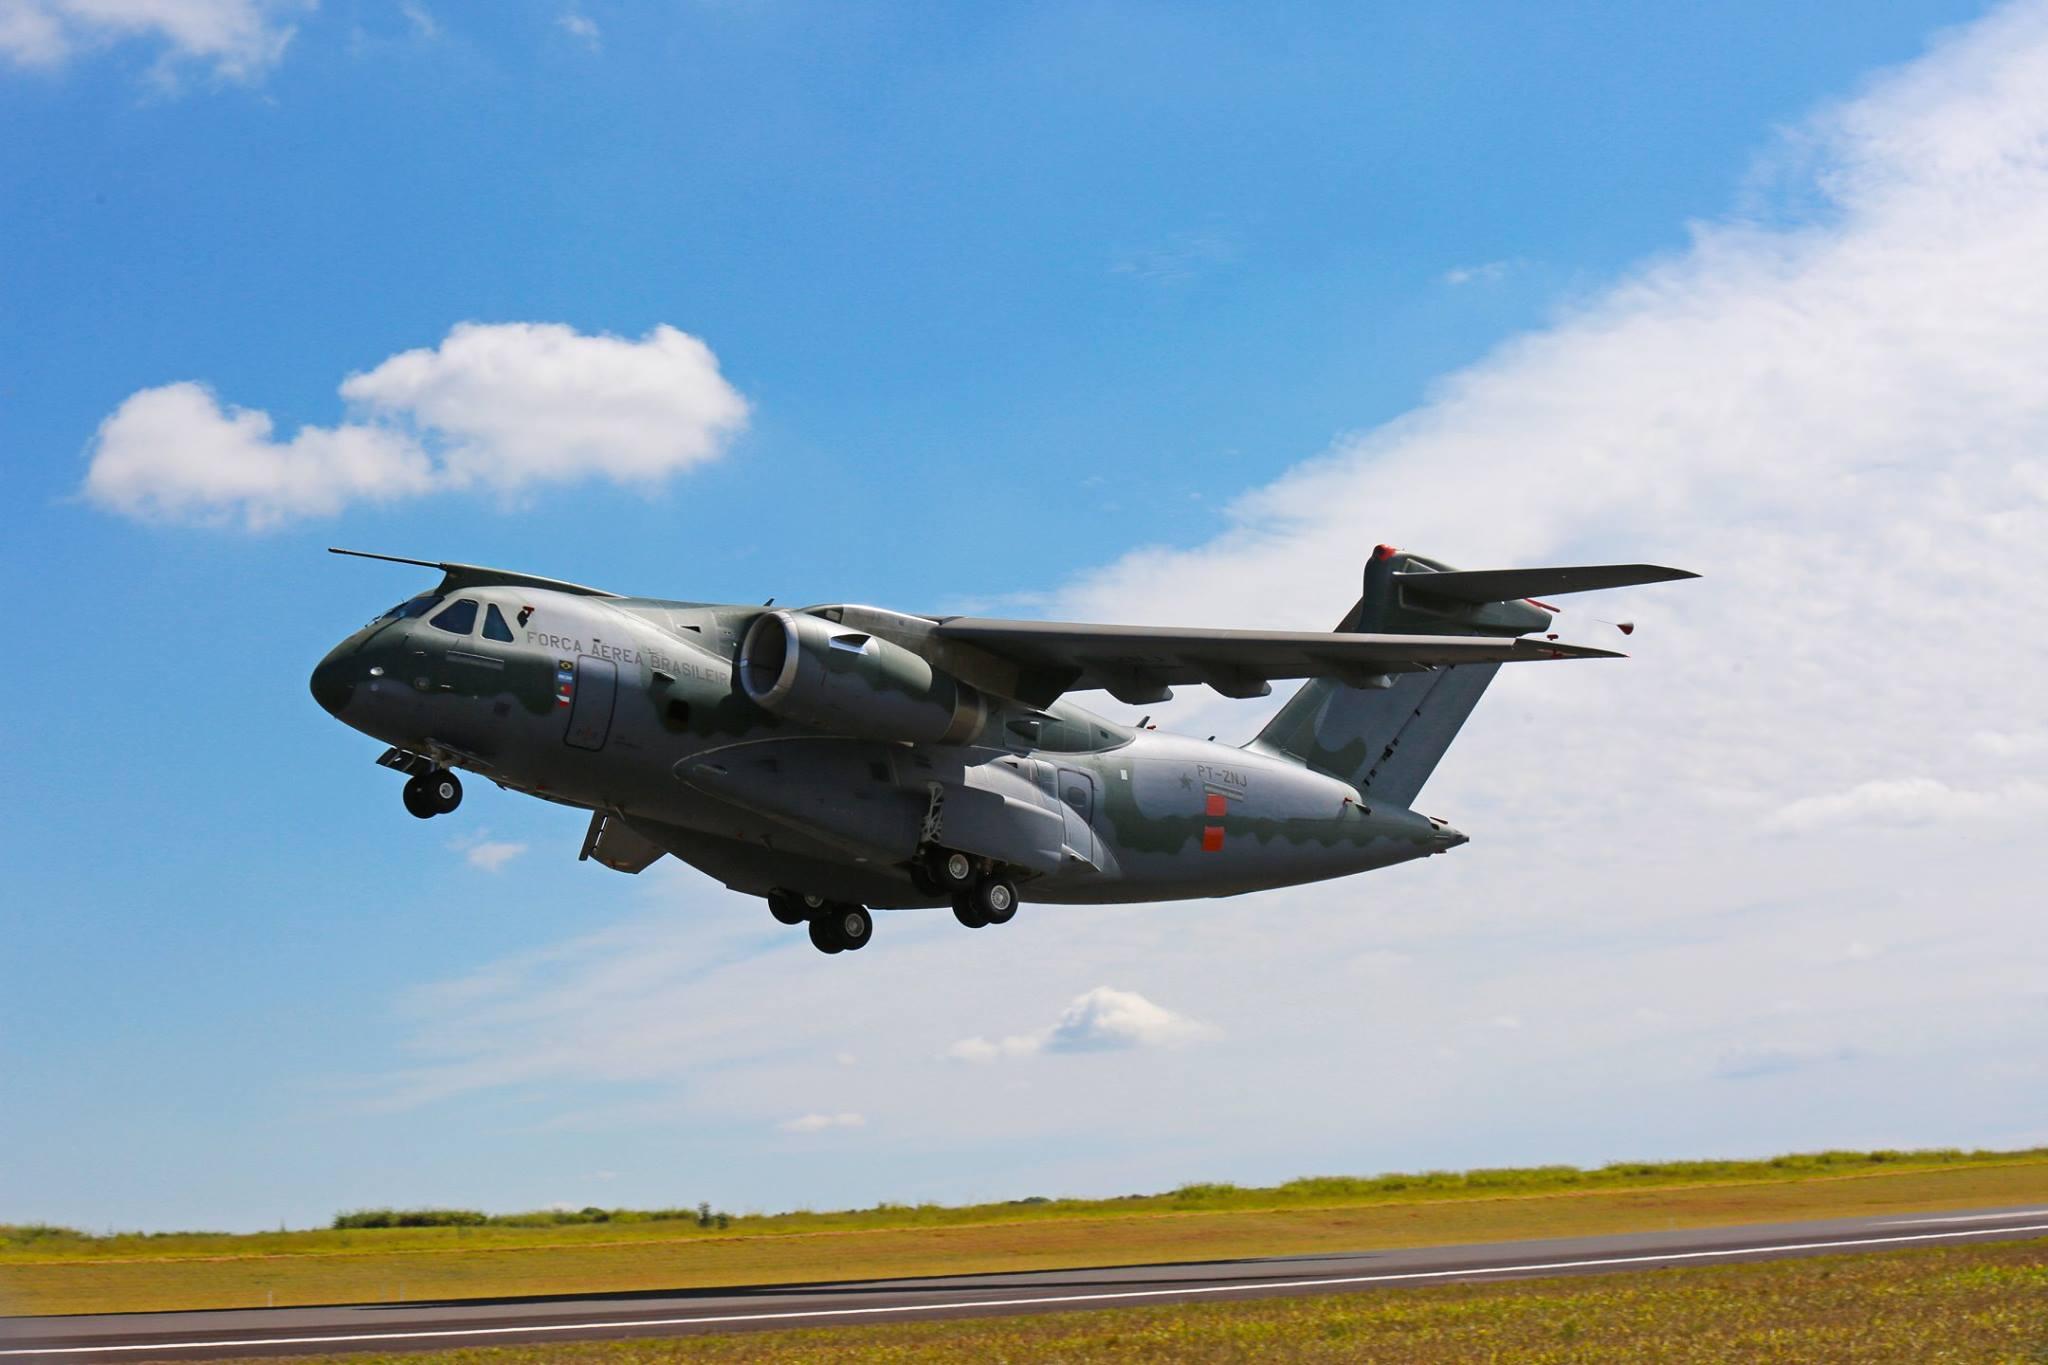 Второй опытный образец бразильского среднего транспортно-заправочного самолета КС-390 (регистрация PT-ZNJ) в первом полете. Гавиан-Пейшоту, 28.04.2016.